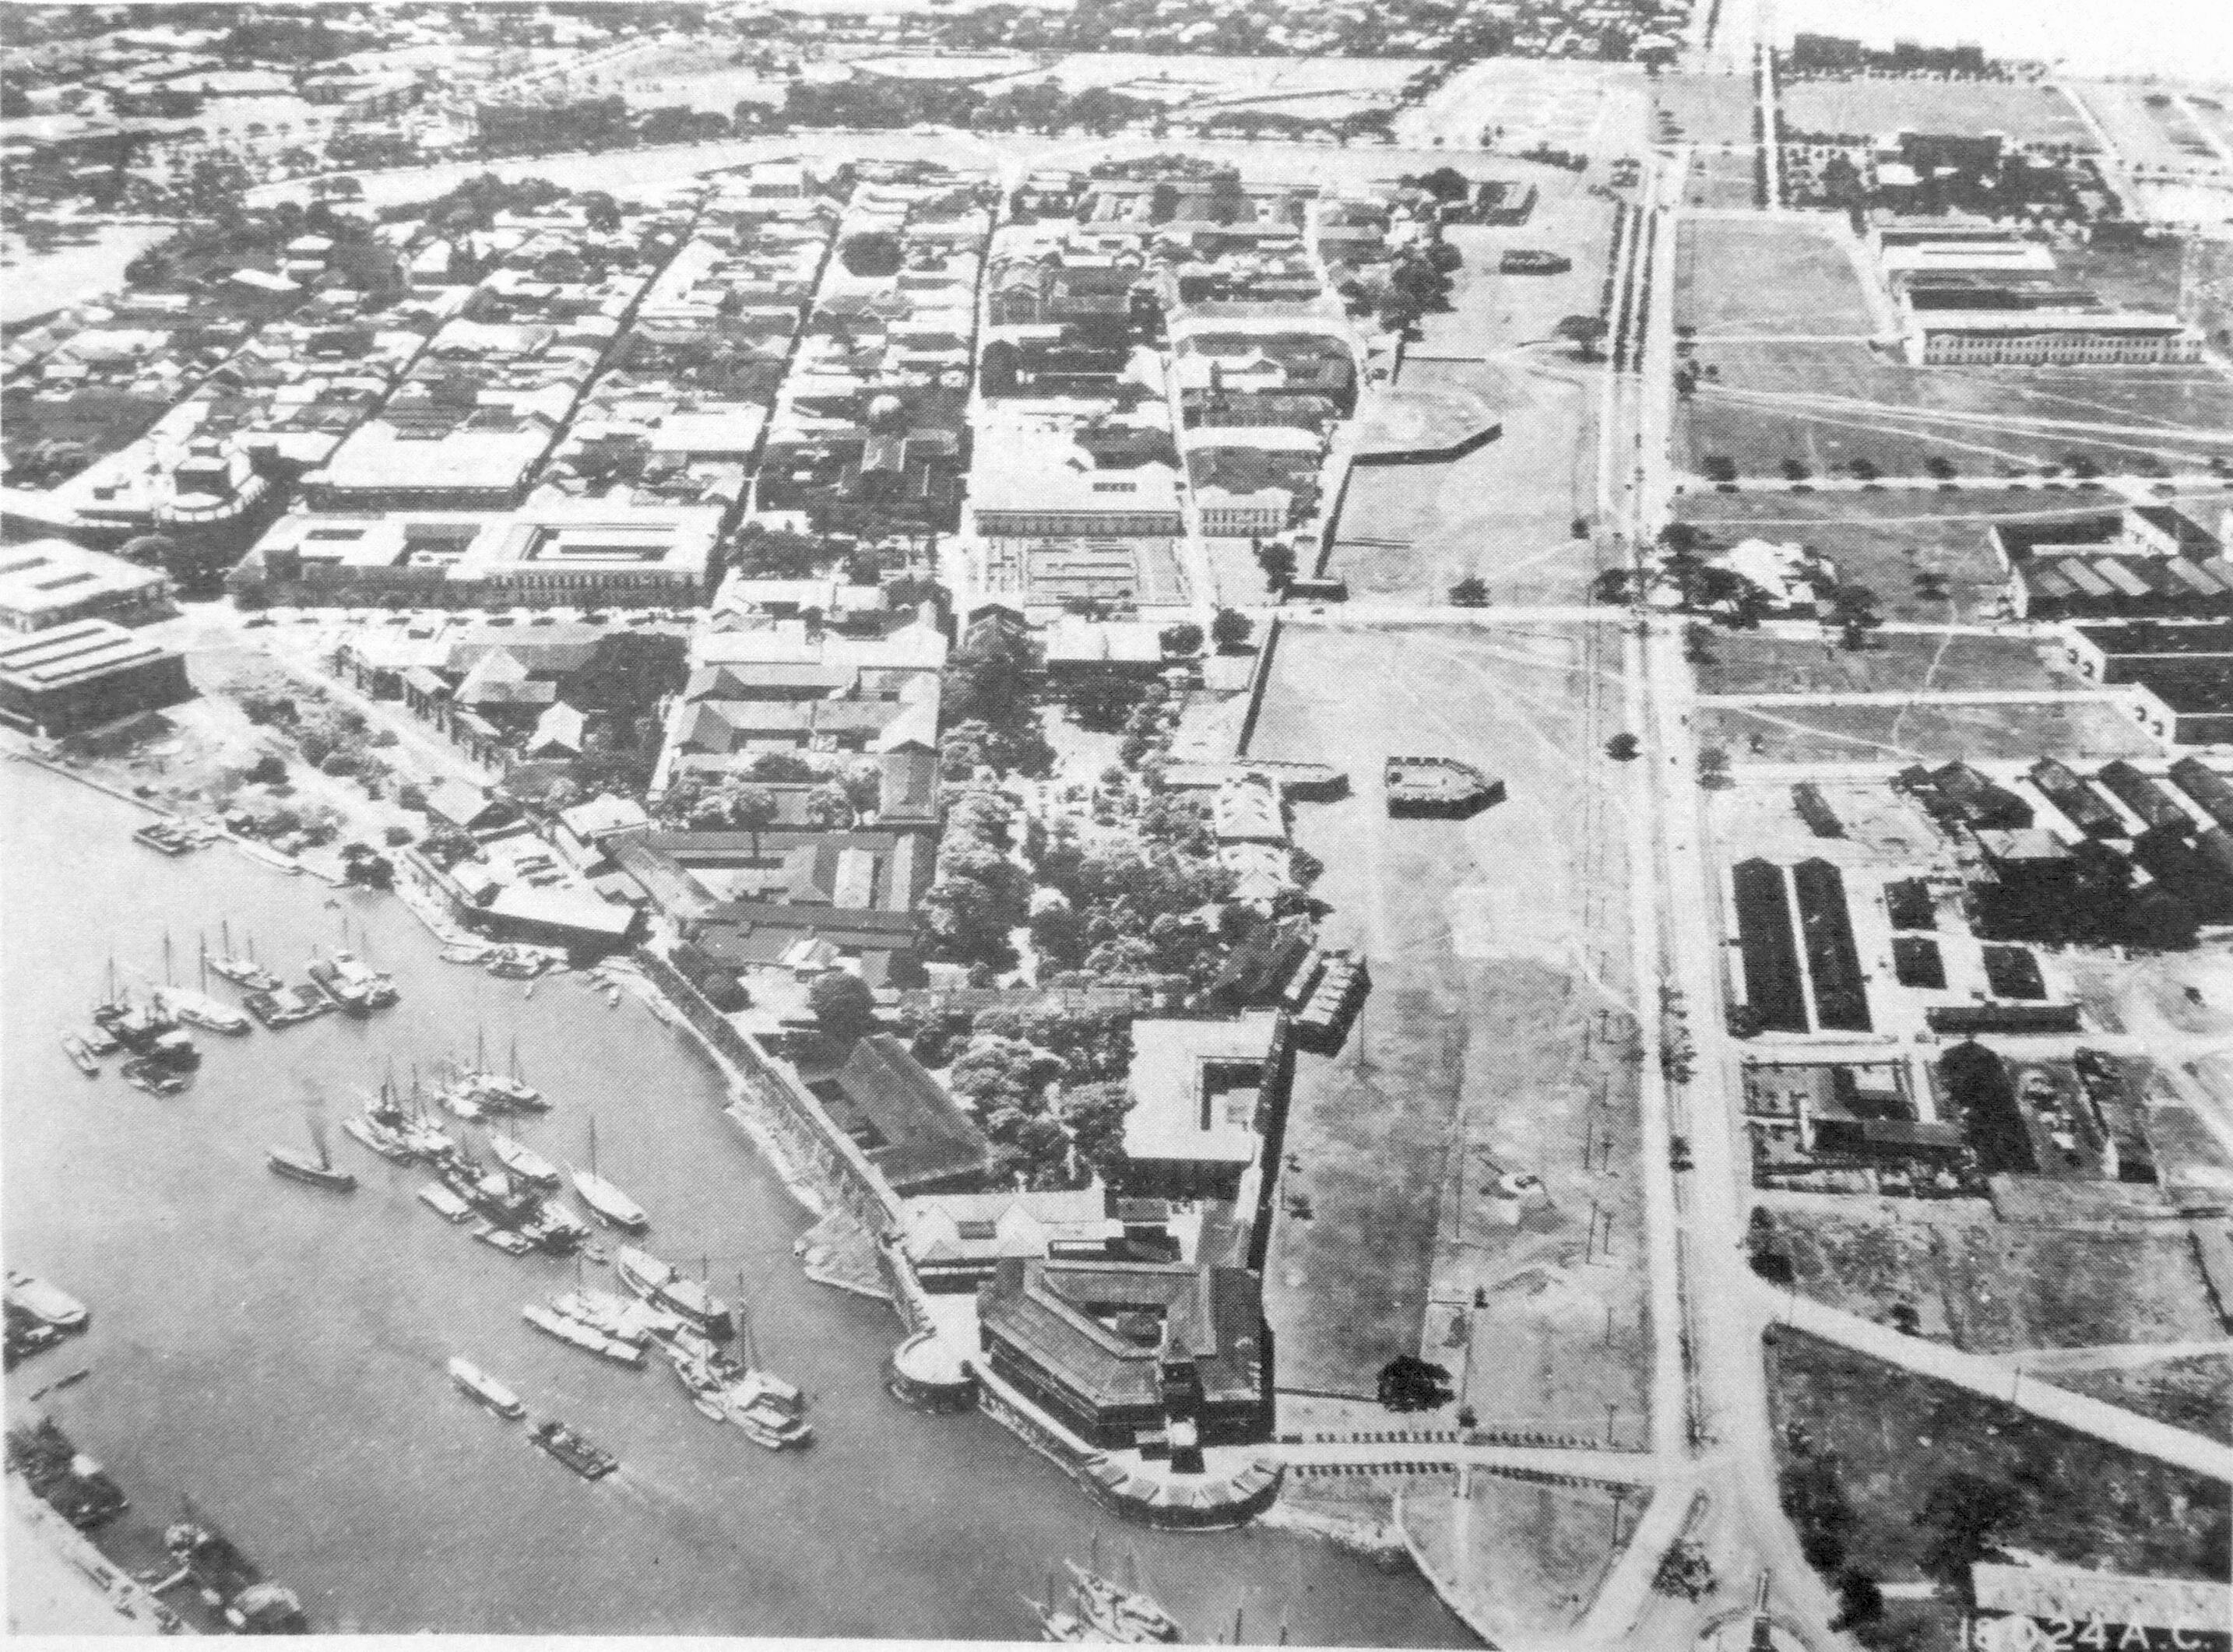 Aerial view of Fort Santiago in Manila, Philippines, circa 1941.